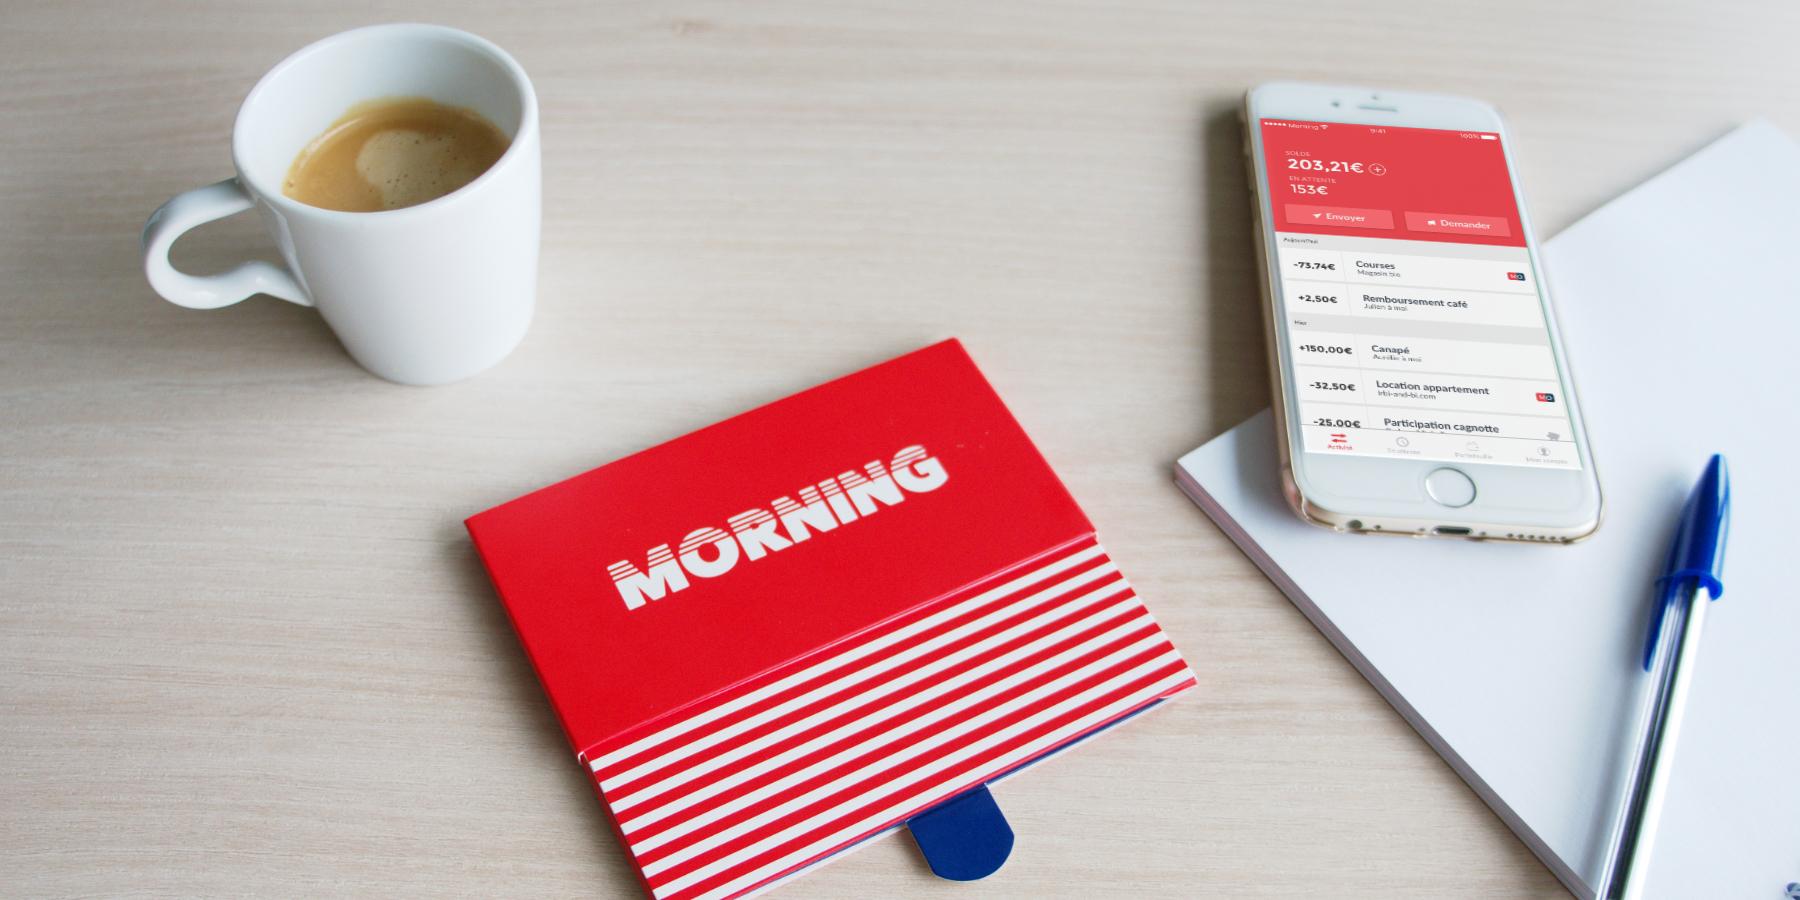 Payname devient Morning et se dirige vers la case faillite<span class=